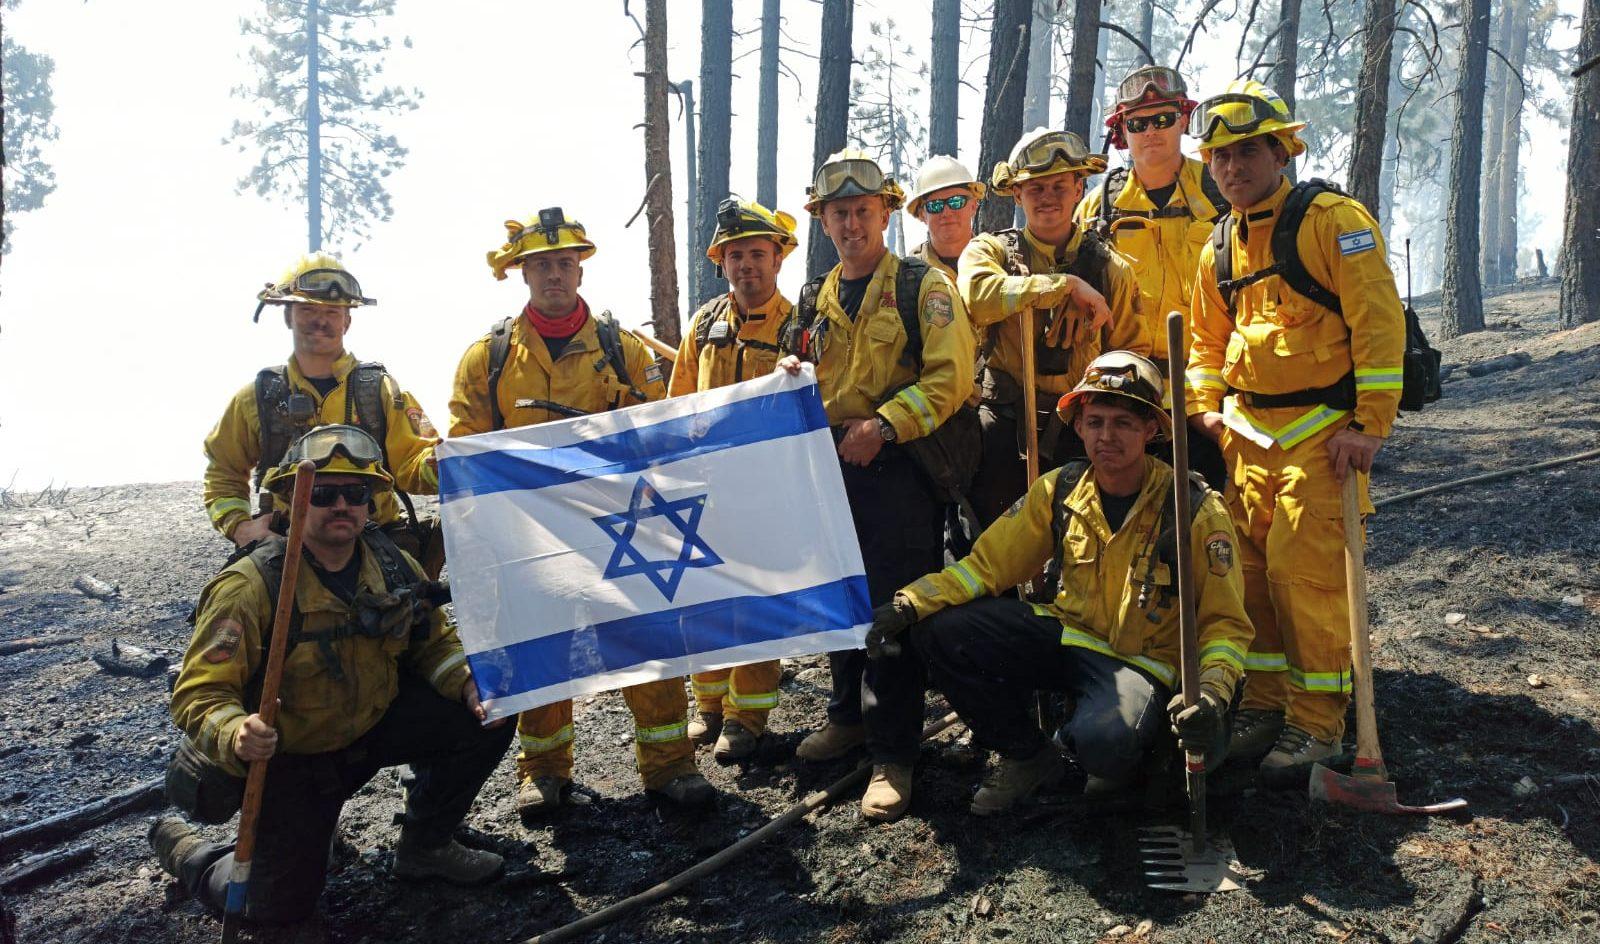 Israeli firefighters in California in September 2020.